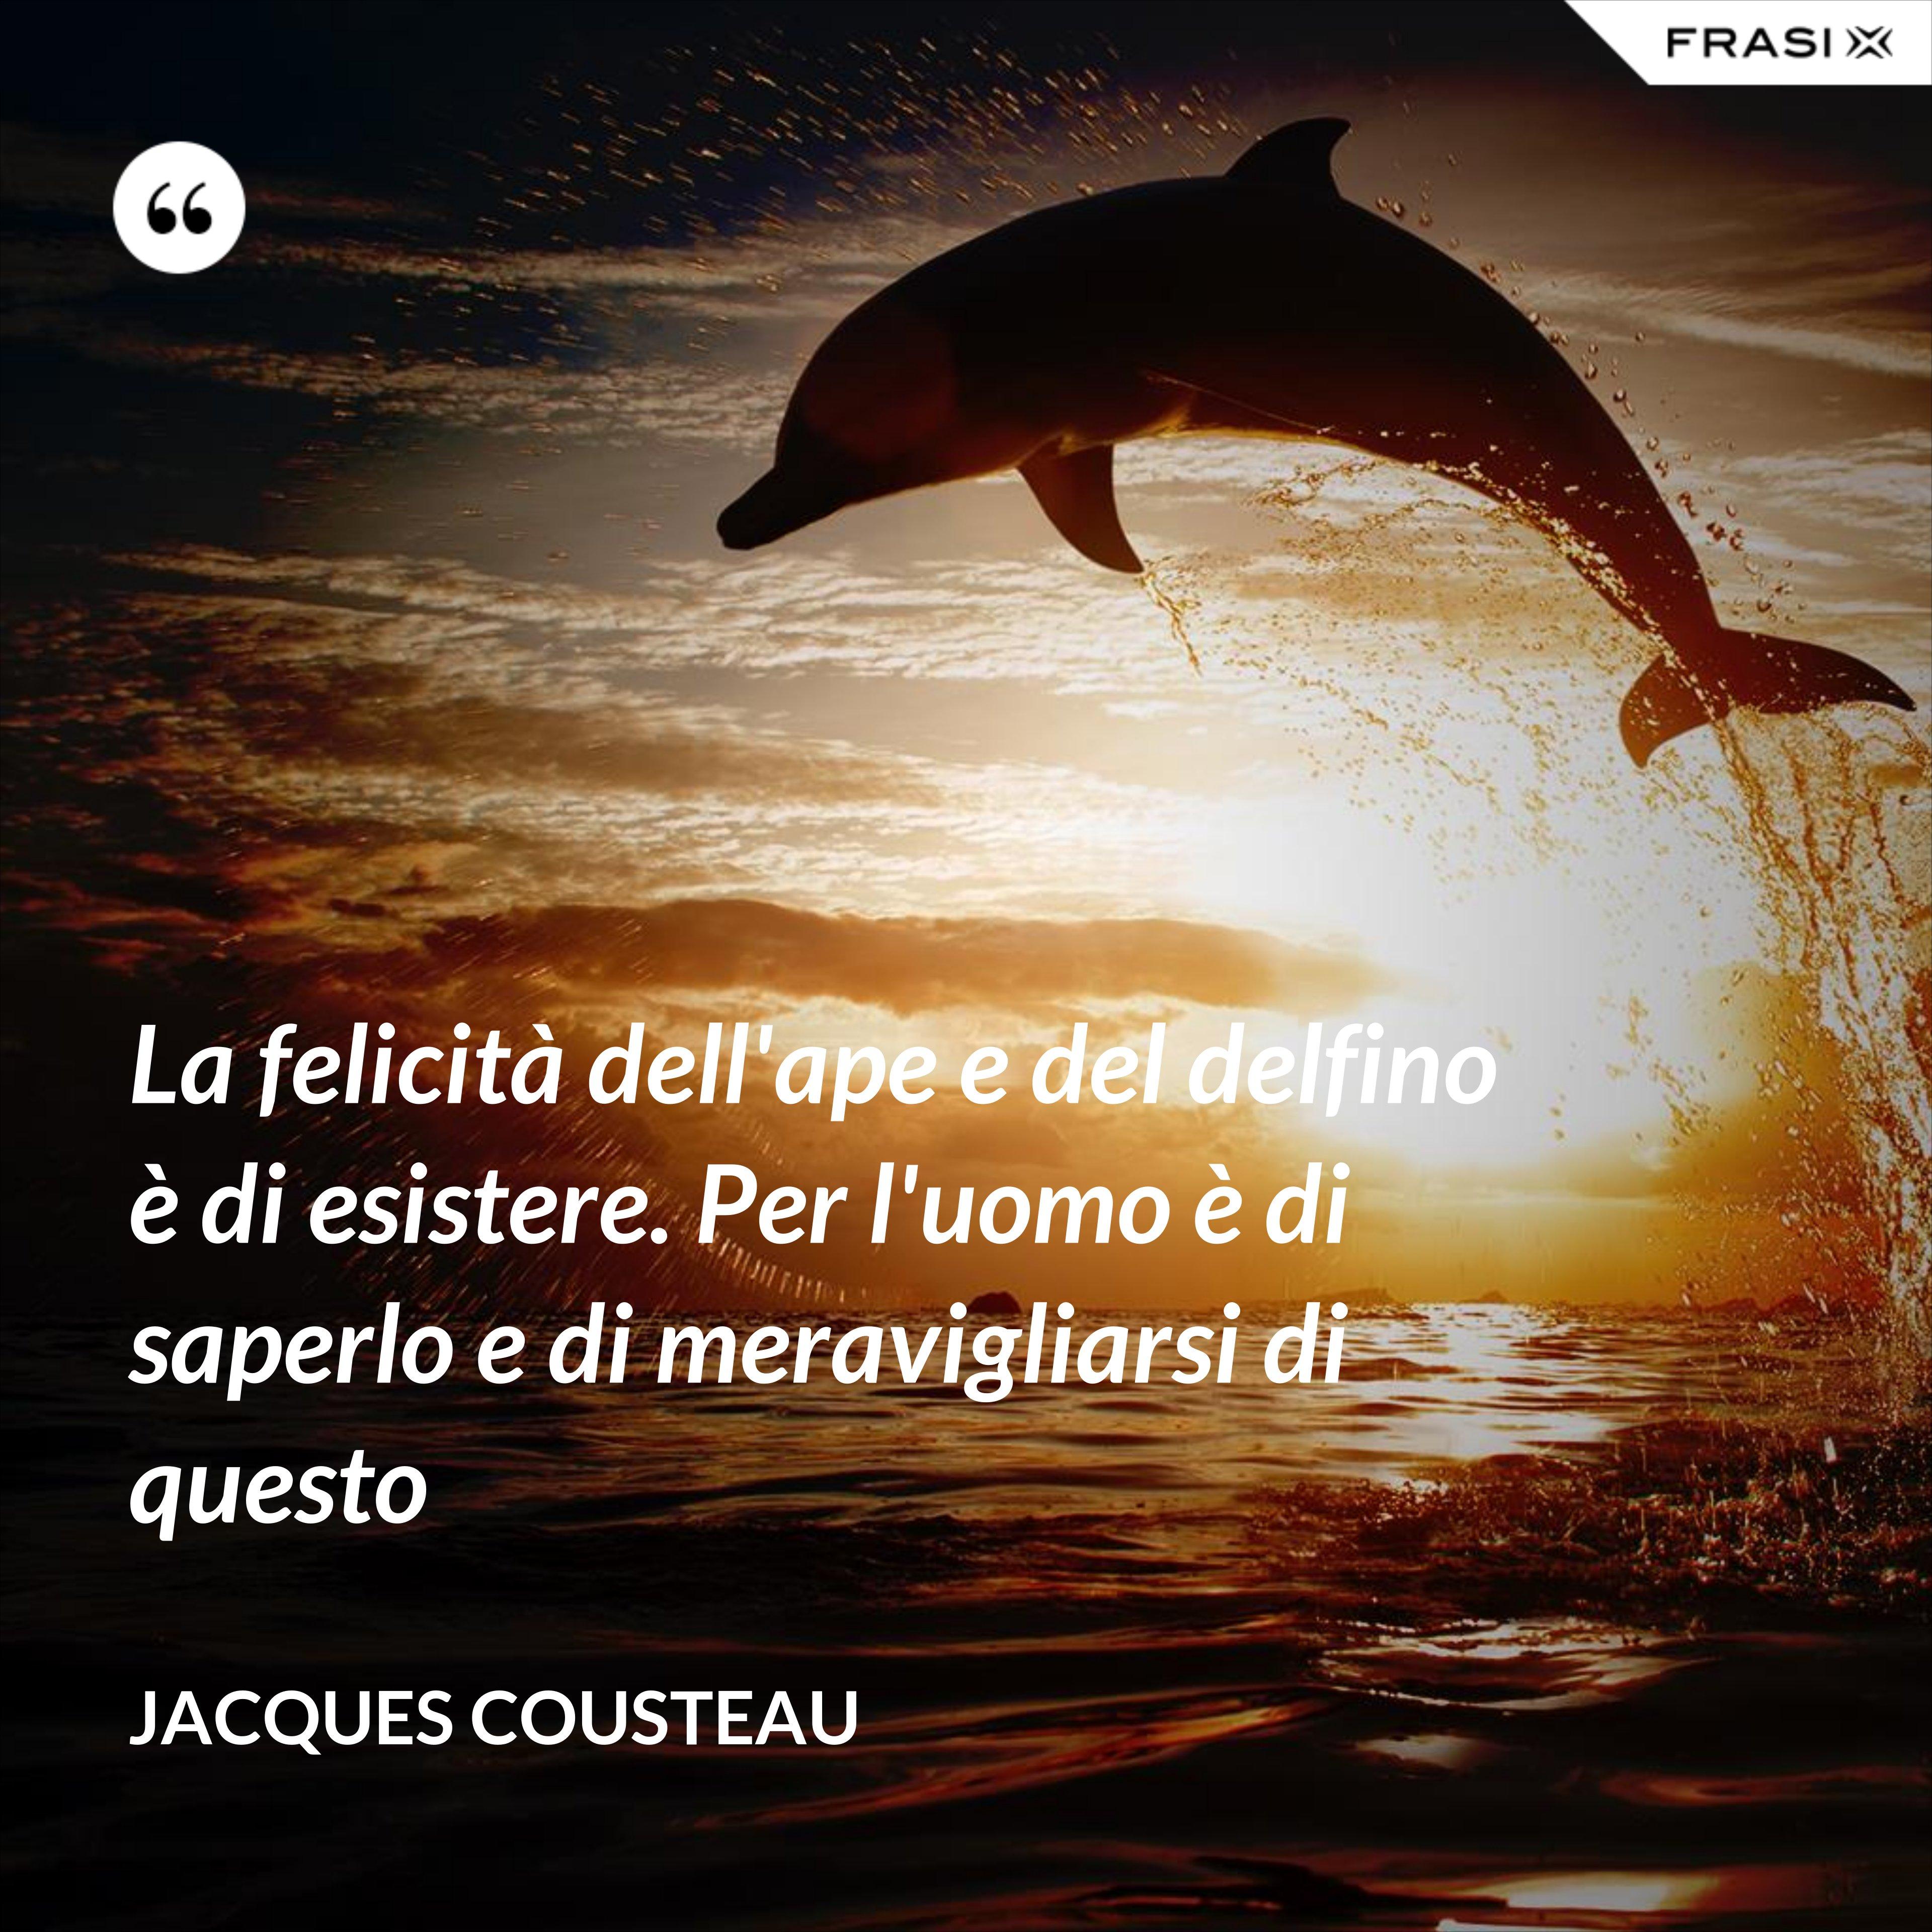 La felicità dell'ape e del delfino è di esistere. Per l'uomo è di saperlo e di meravigliarsi di questo - Jacques Cousteau